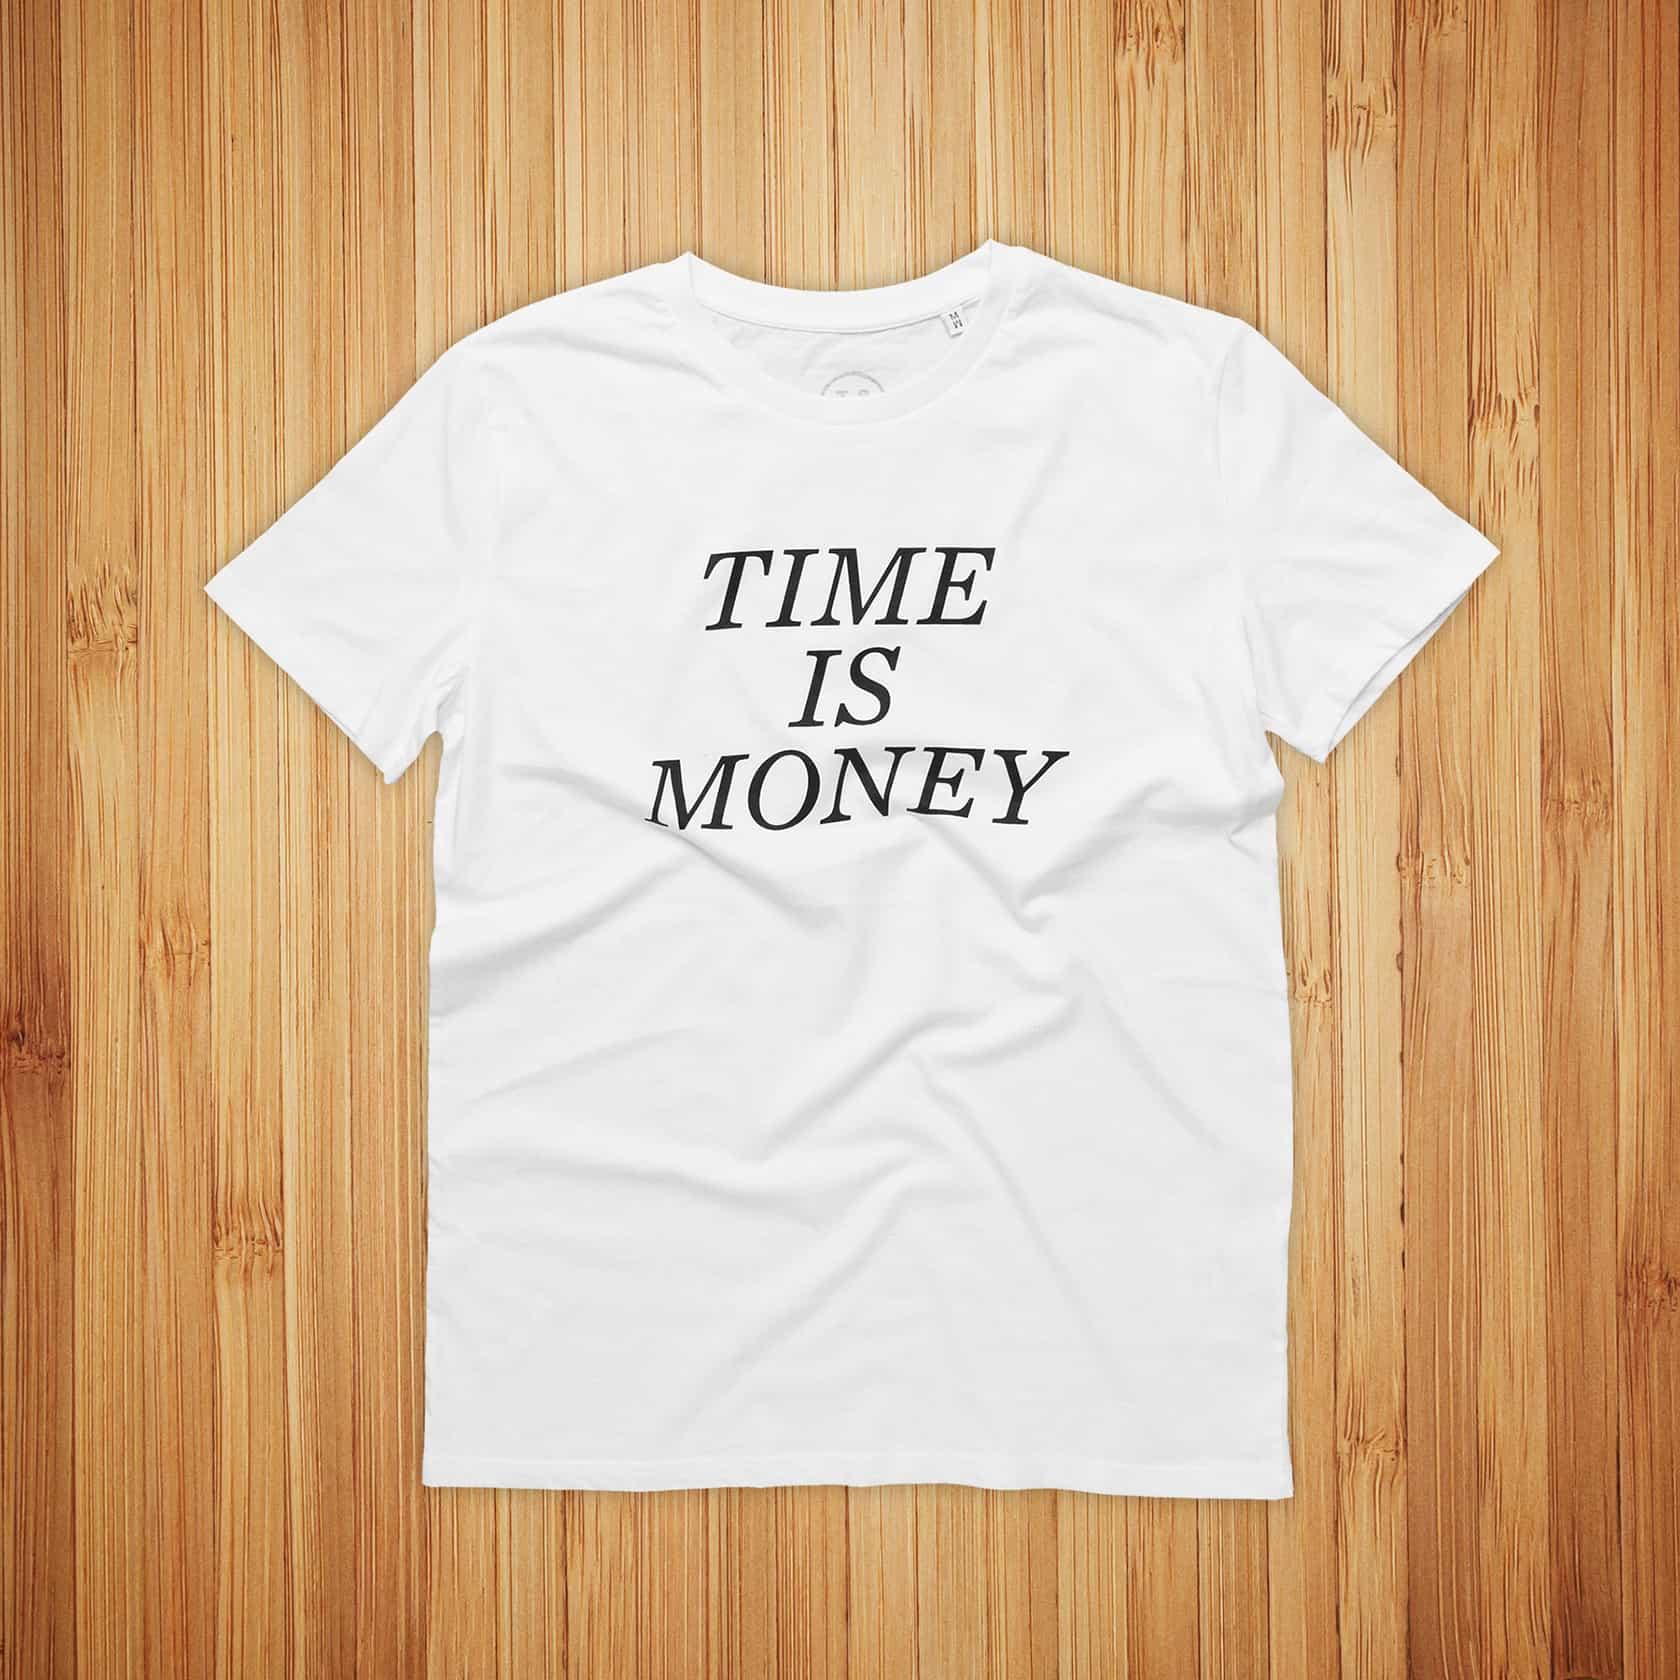 STTK, valkoinen t-paita ja musta painatus